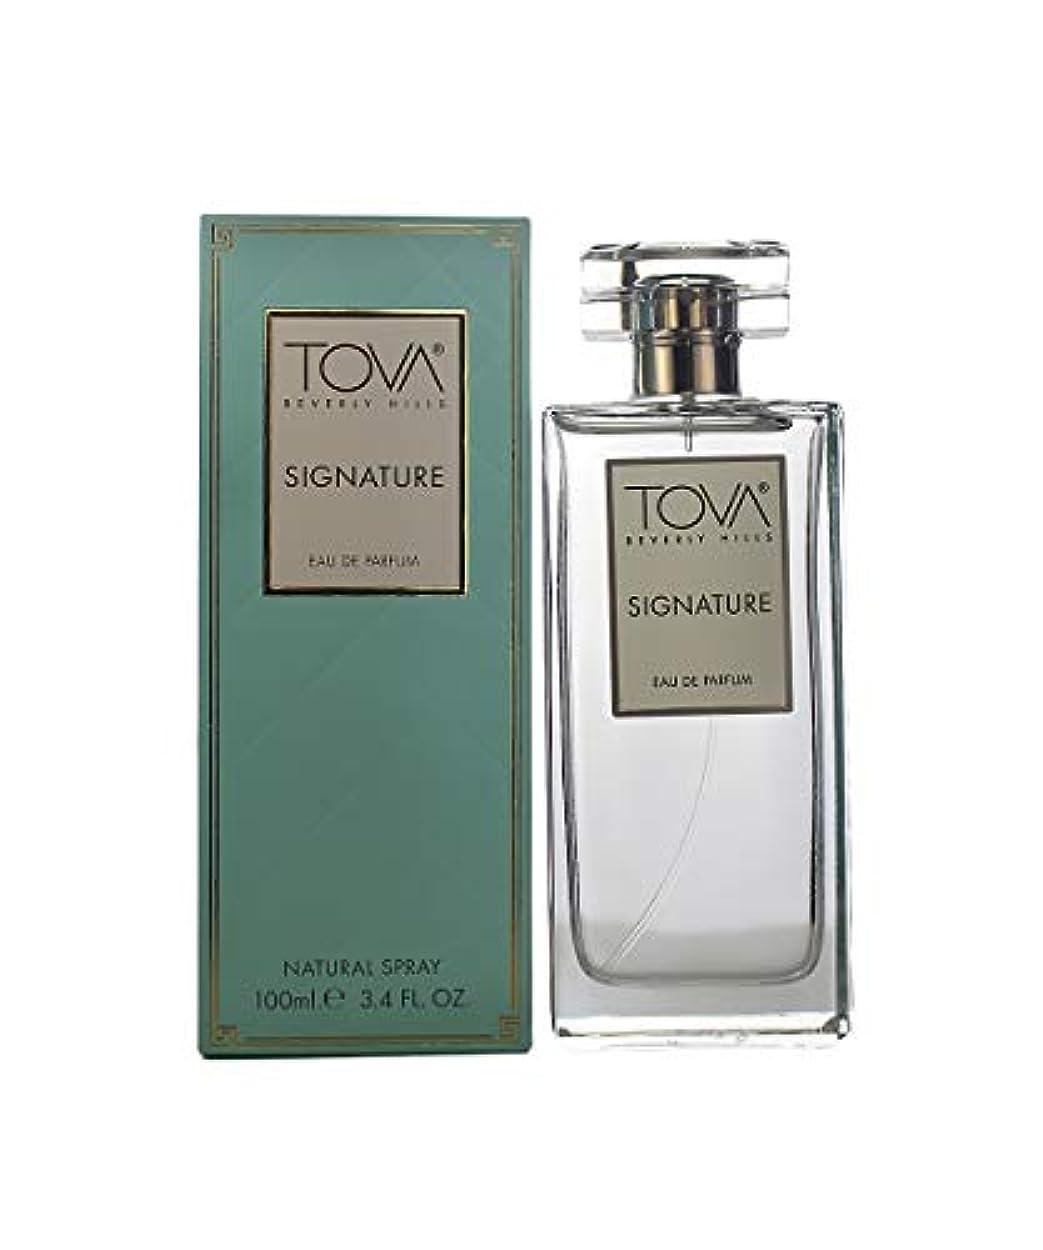 慣らすマーカー意図的Tova Signature Fragrance (トヴァ シグネチャ- フレグランス) 3.4 oz (100ml) EDP Spray (New Package 新デザイン)